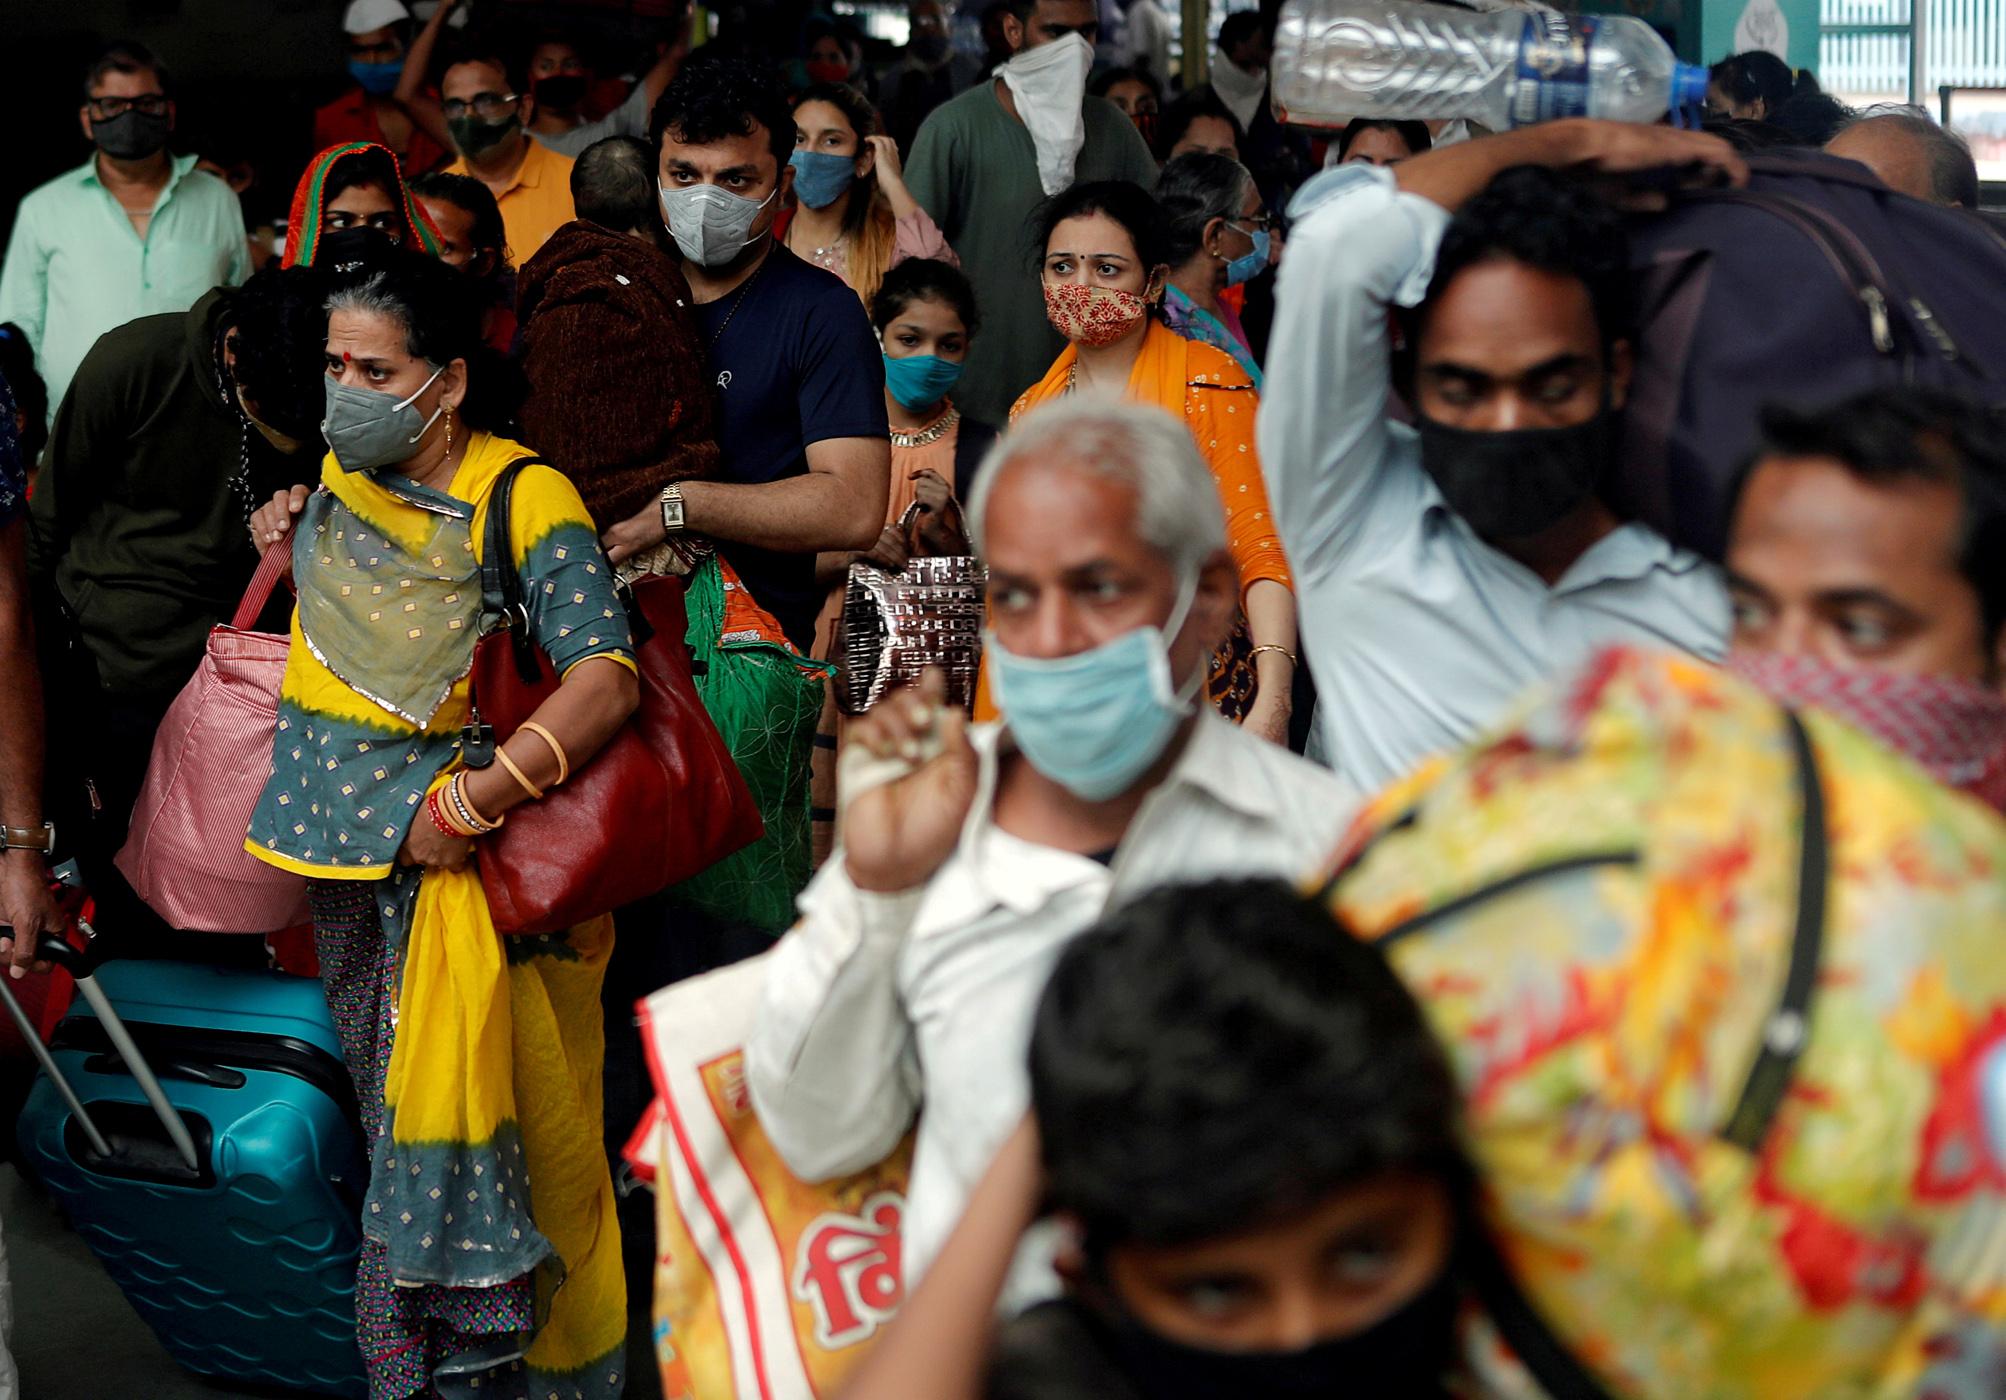 Ινδία: Νέο ρεκόρ κρουσμάτων κορονοϊού μέσα στο 2021 – 172 νεκροί το τελευταίο 24ωρο